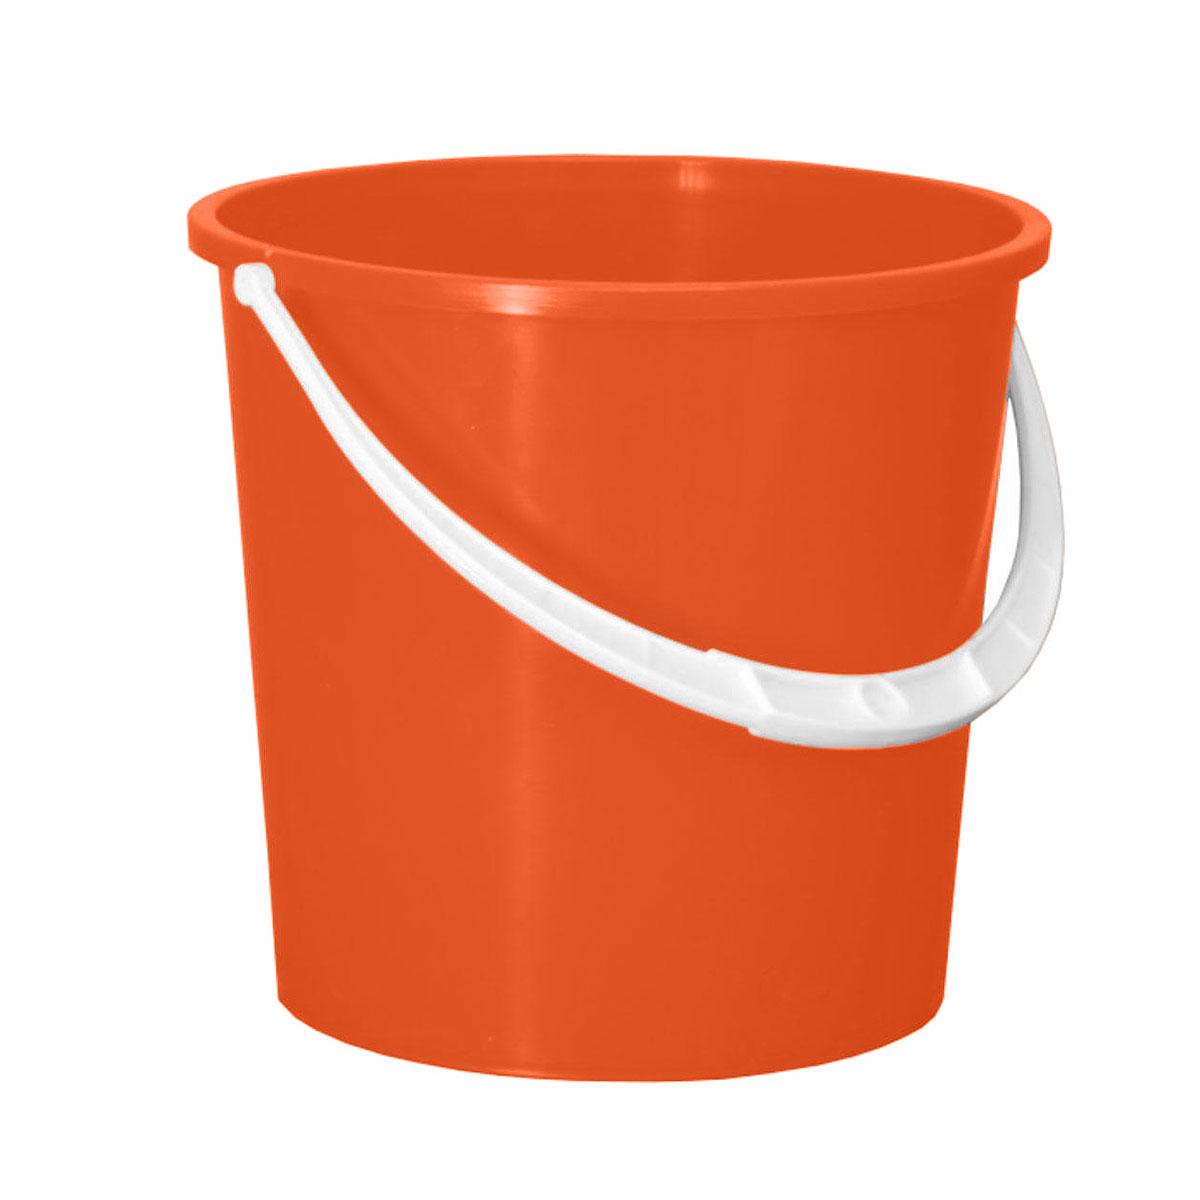 Ведро Альтернатива Крепыш, цвет: оранжевый, 5 лК340Ведро Альтернатива Крепыш изготовлено из высококачественного одноцветного пластика. Оно легче железного и не подвержено коррозии. Ведро оснащено удобной пластиковой ручкой. Такое ведро станет незаменимым помощником в хозяйстве. Размер: 22 см x 22 см x 20,5 см.